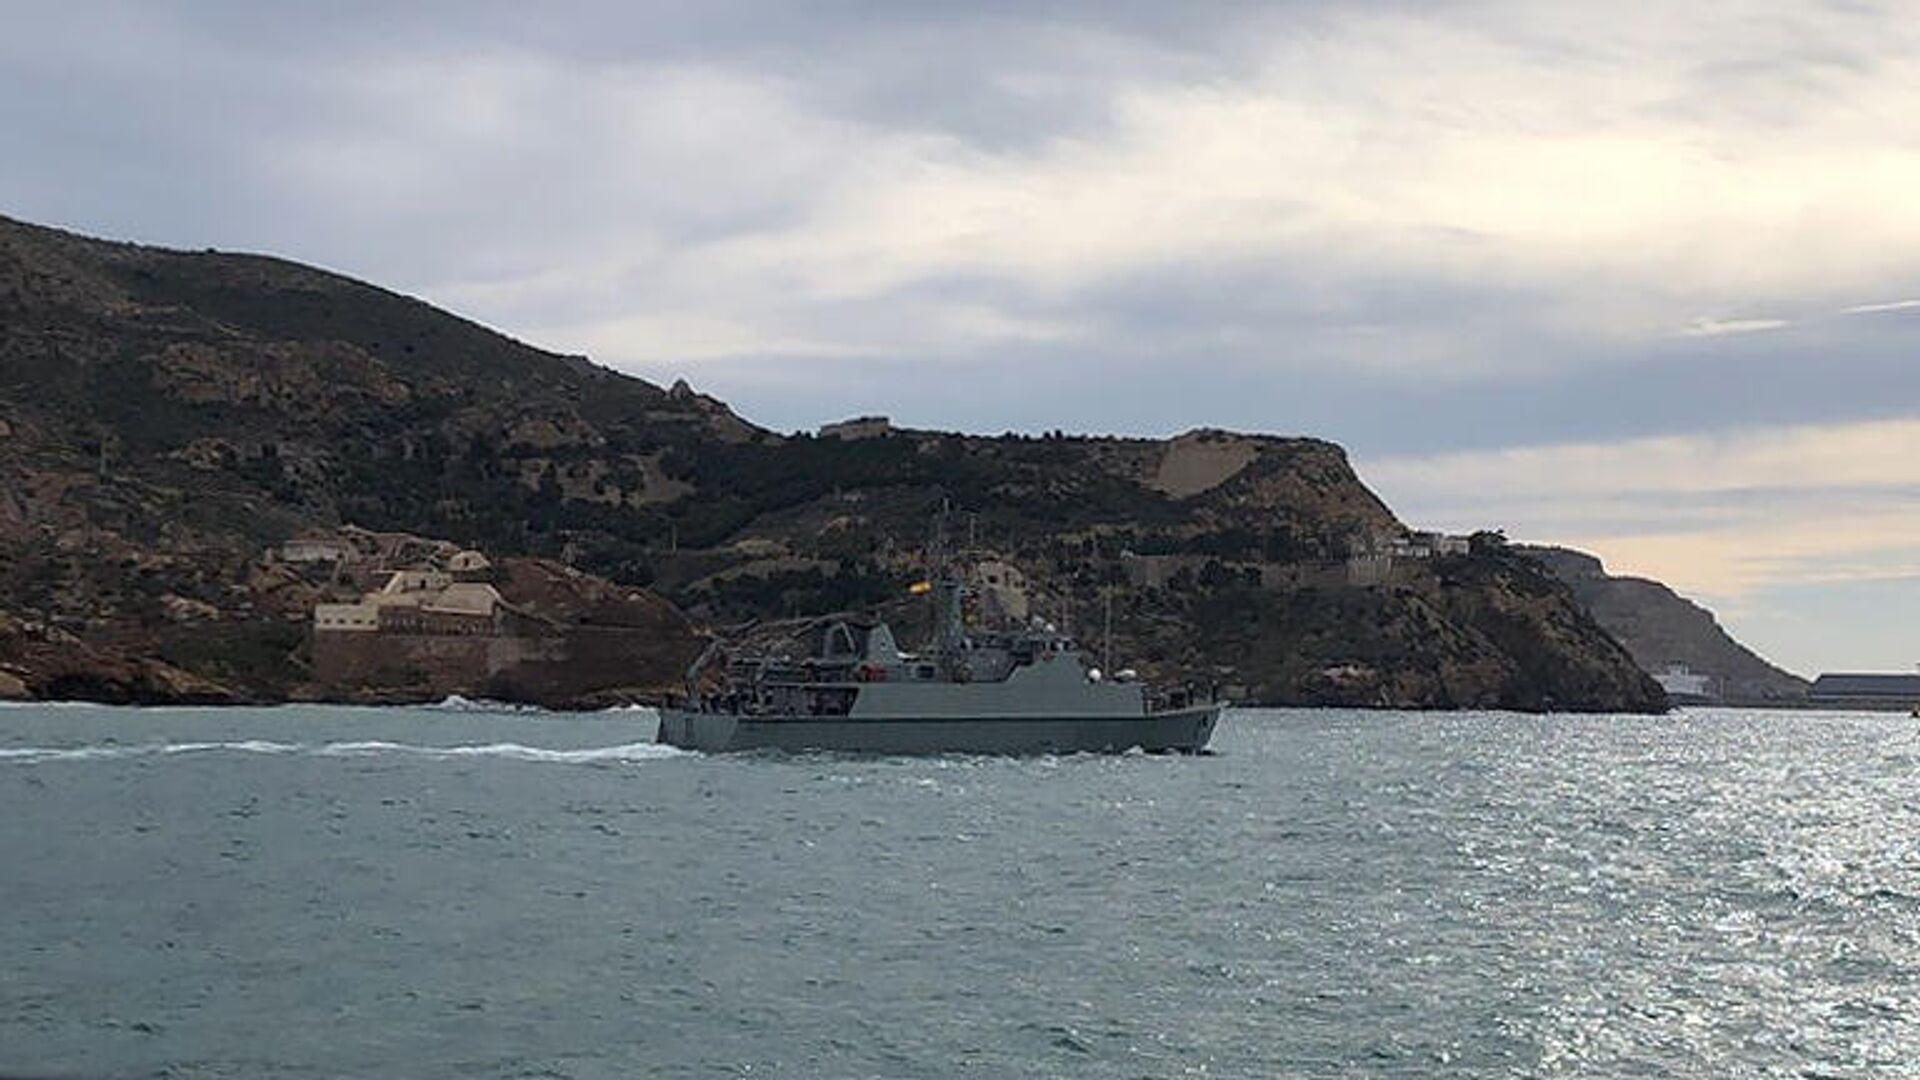 Корабль для поиска мин Тахо ВМС Испании в рамках выполнения задач НАТО по противоминной защите. Февраль 2021 - РИА Новости, 1920, 25.02.2021